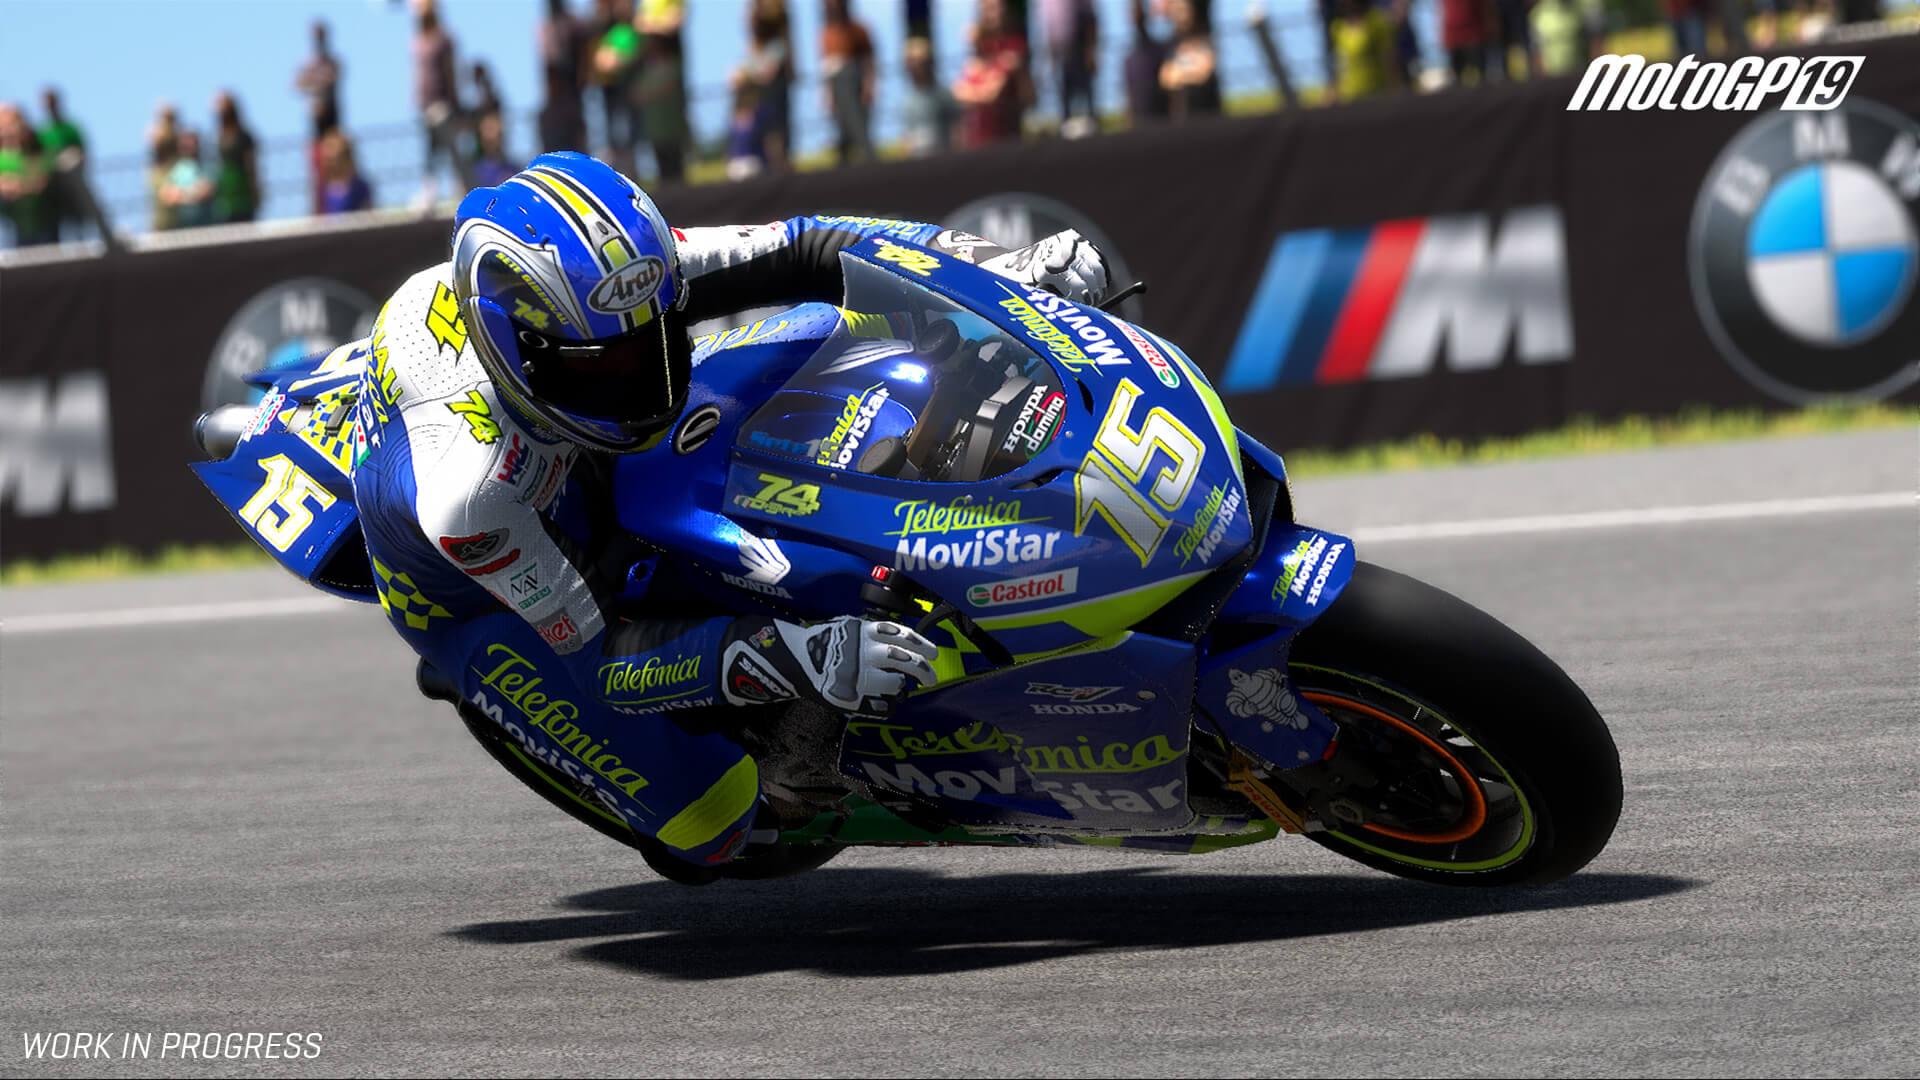 MotoGP 19 Historica 1